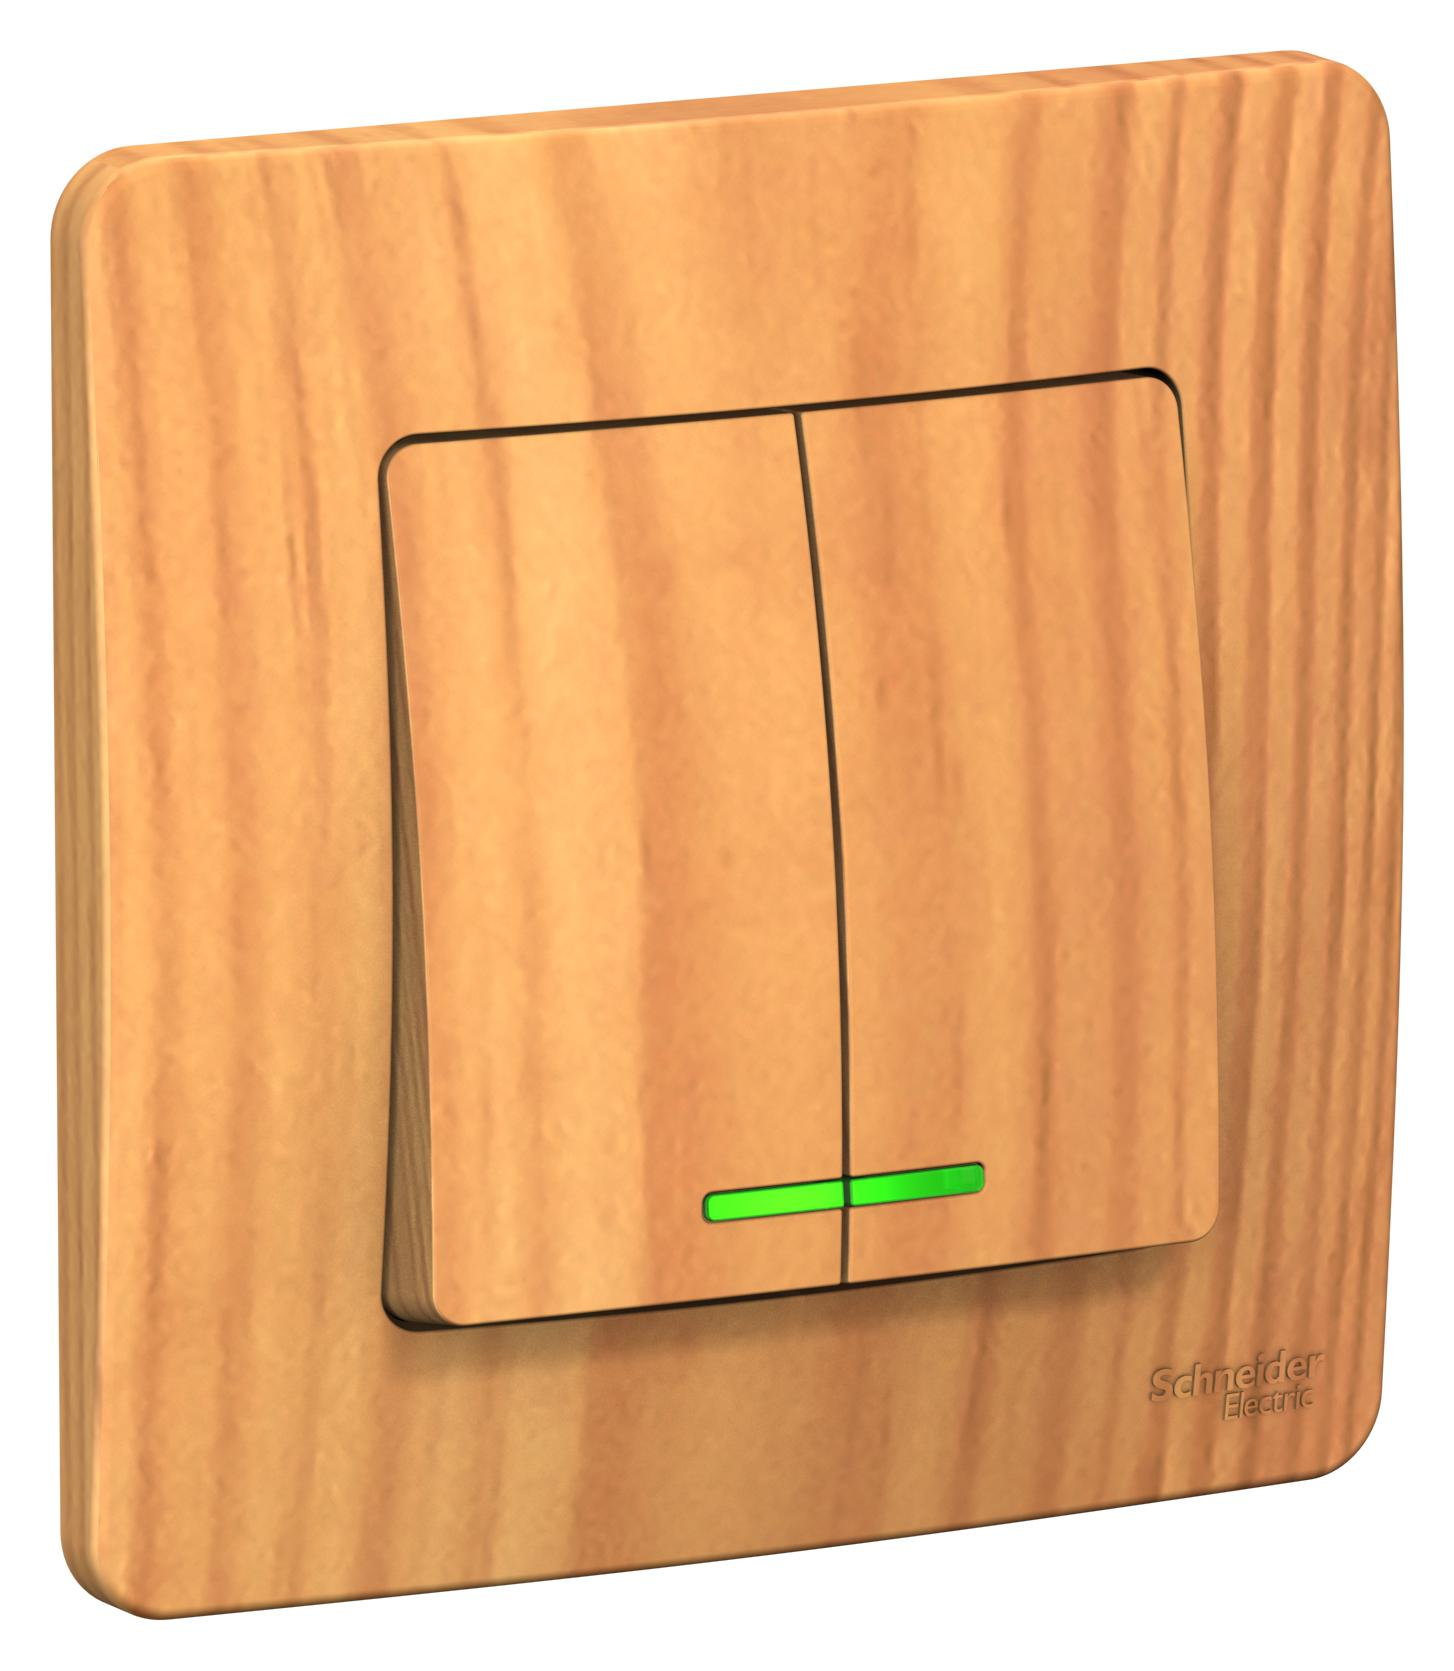 Выключатель Schneider electric Blnvs010515 blanca выключатель schneider electric blnva101013 blanca